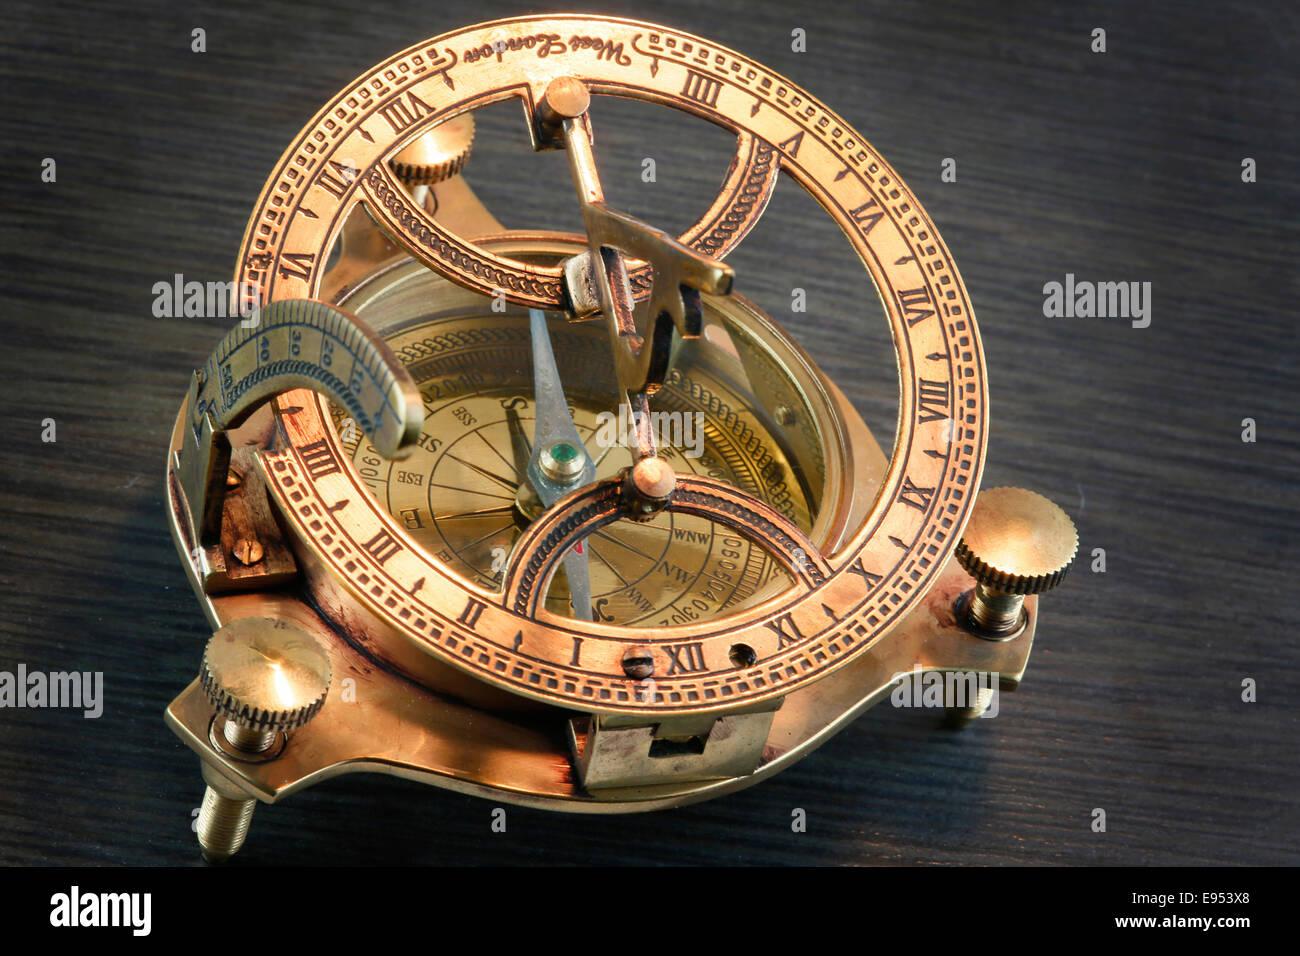 77e0c477e0f0 Brújula con reloj de sol